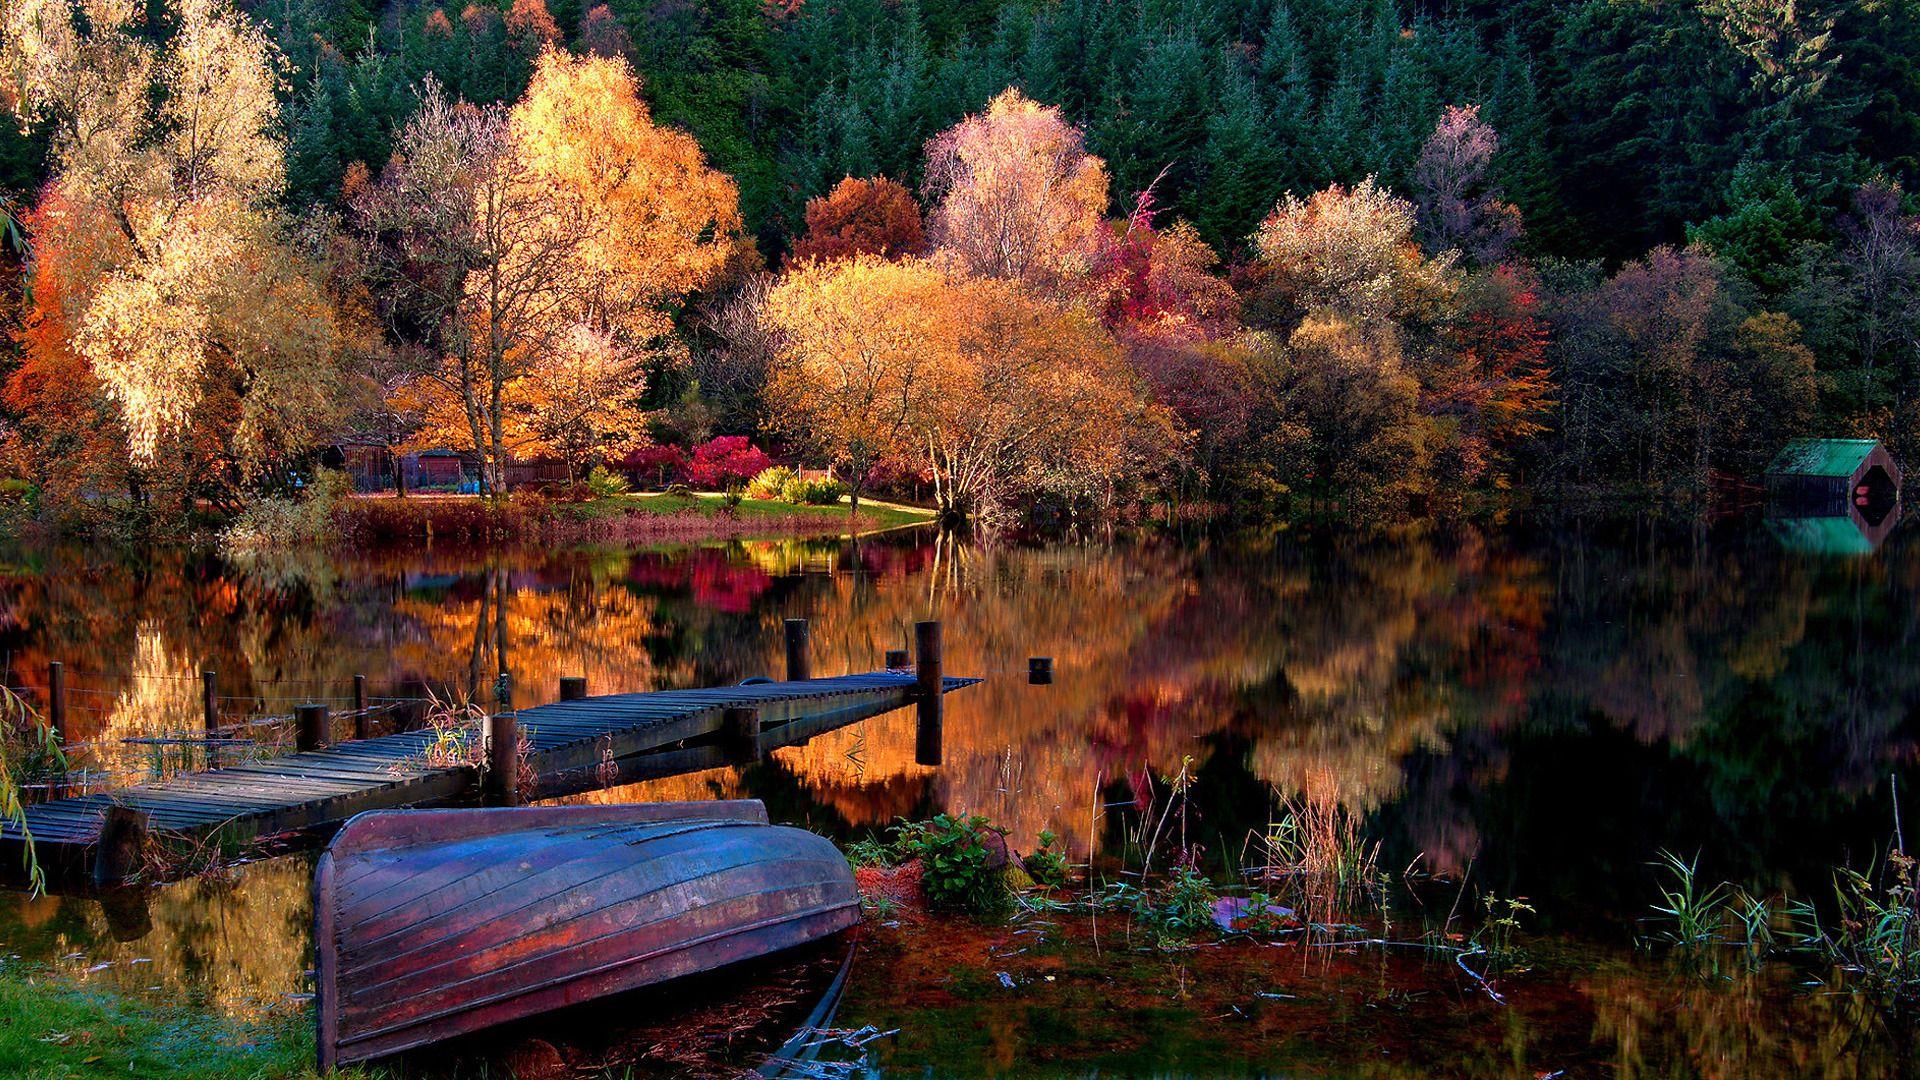 foto de fonds d'écran automne hd Recherche Google Paysage